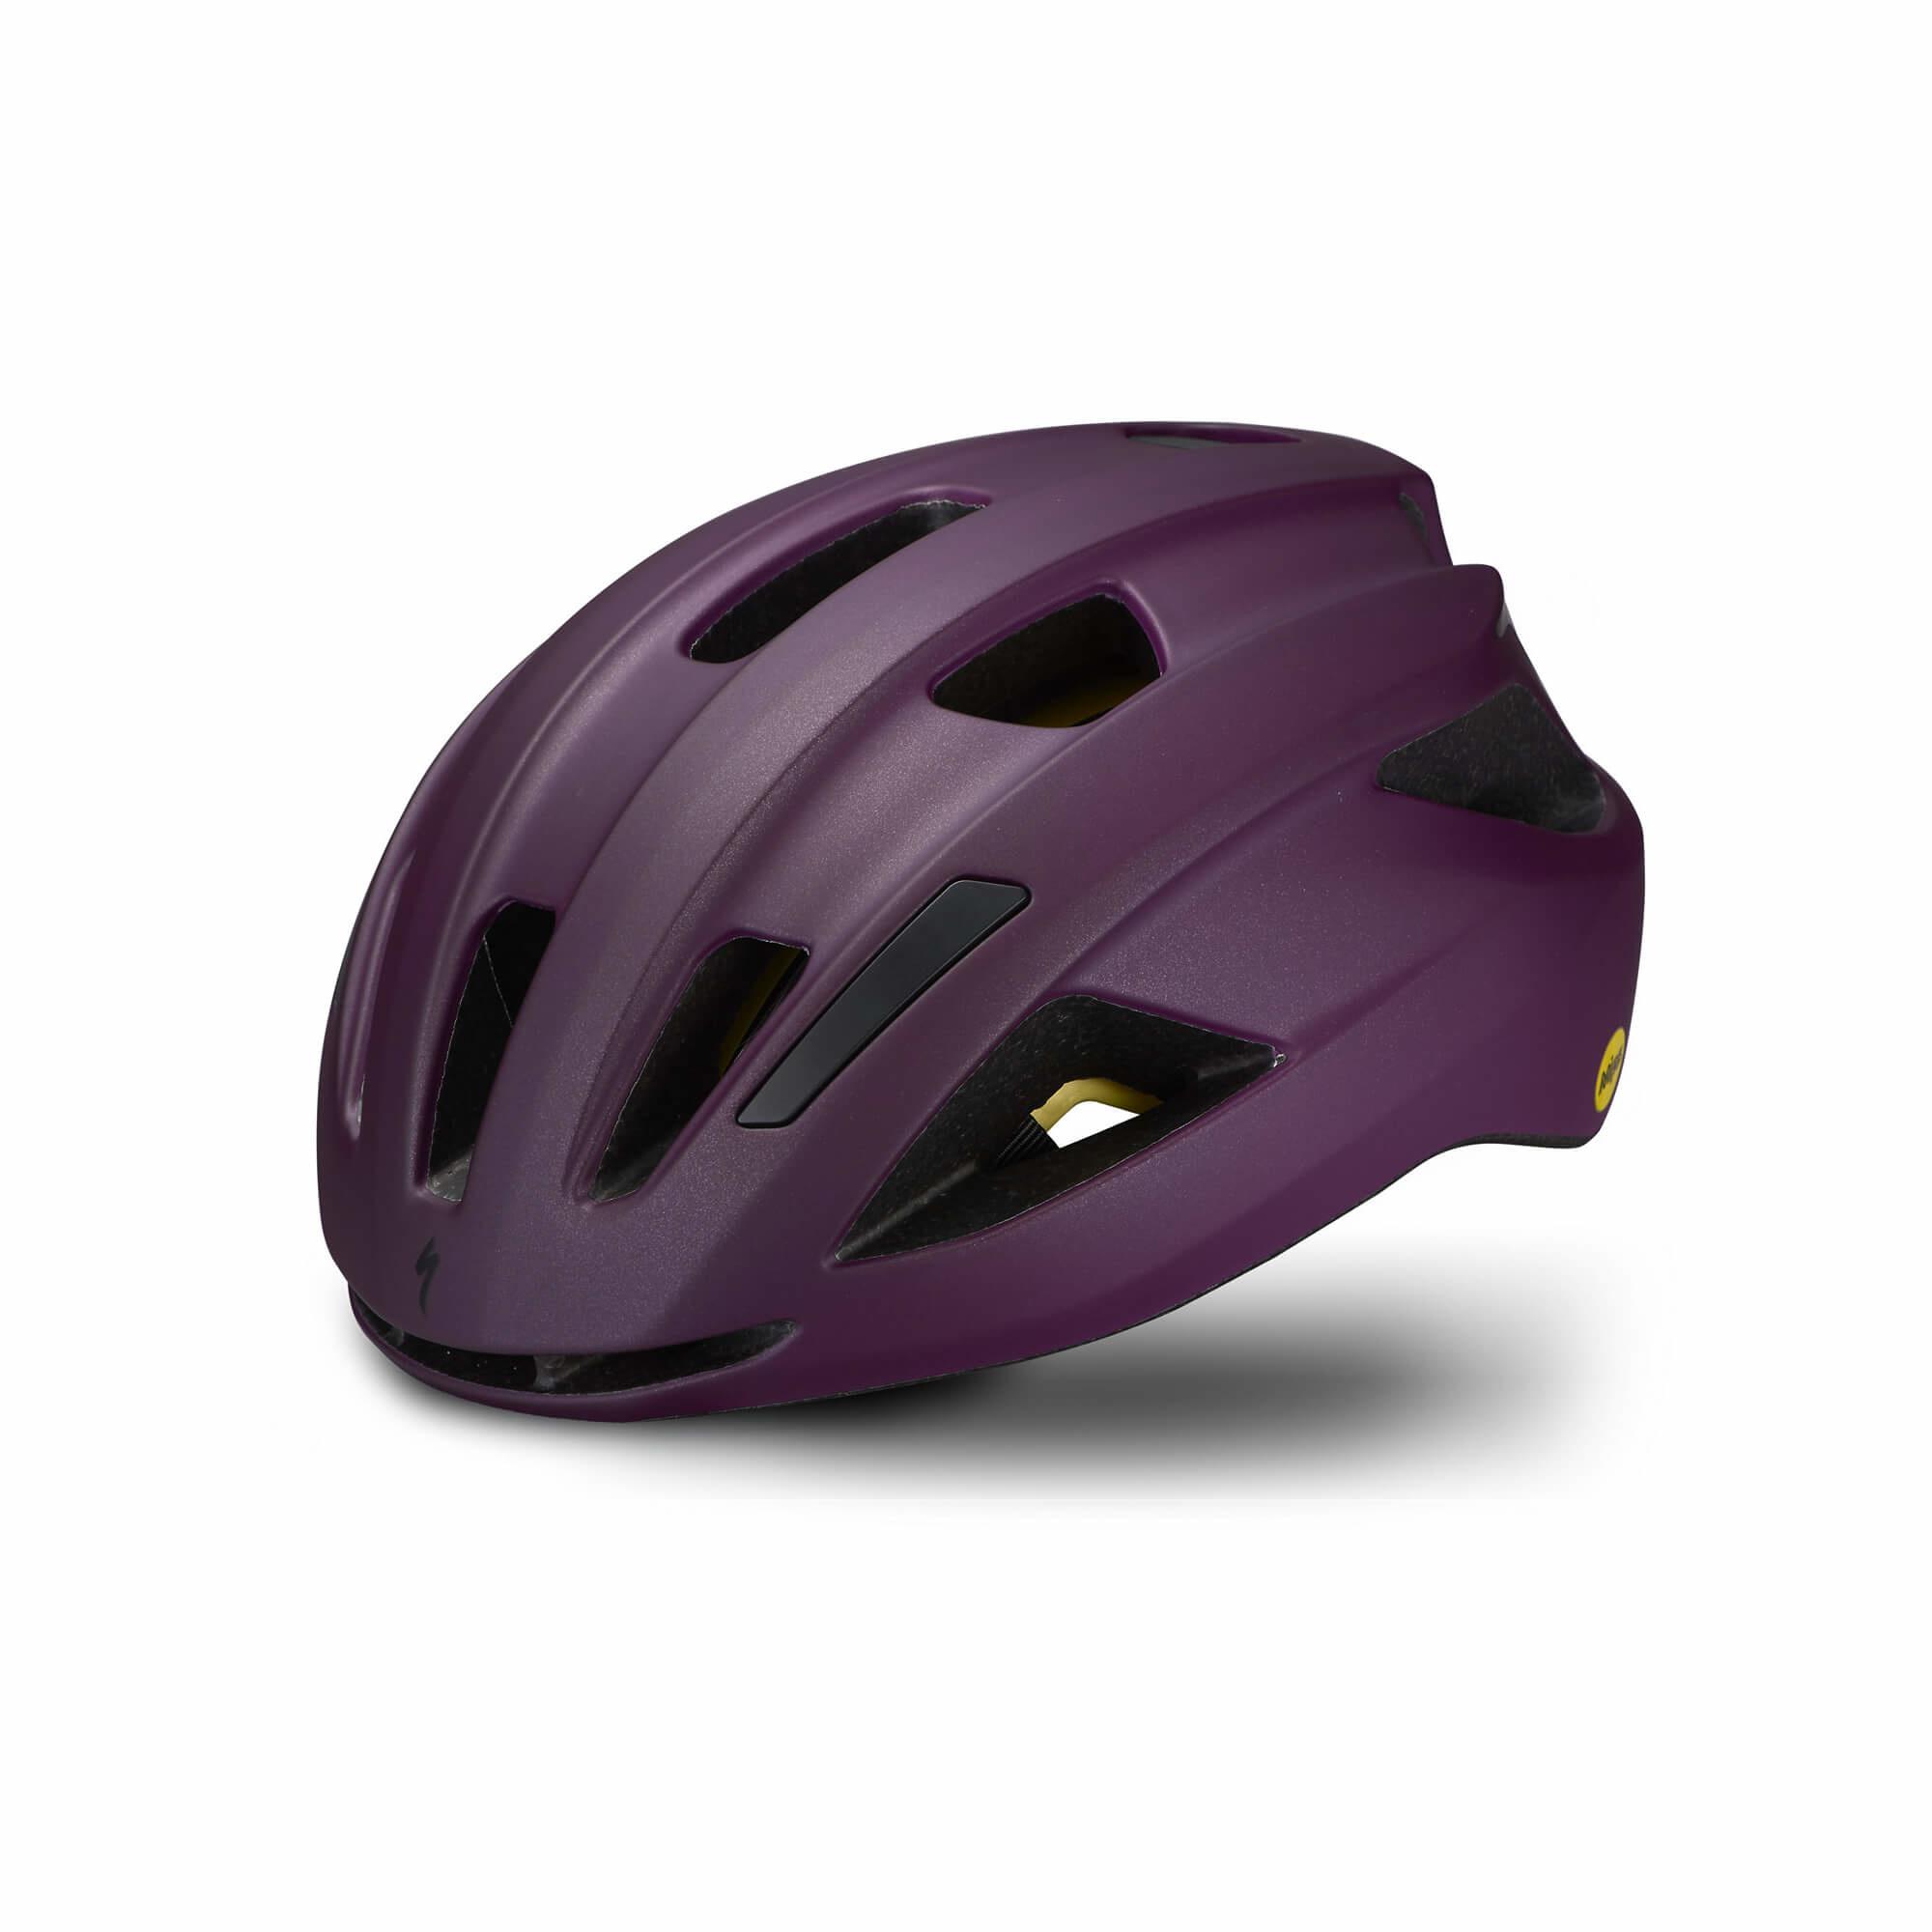 Align II Helmet Mips-2